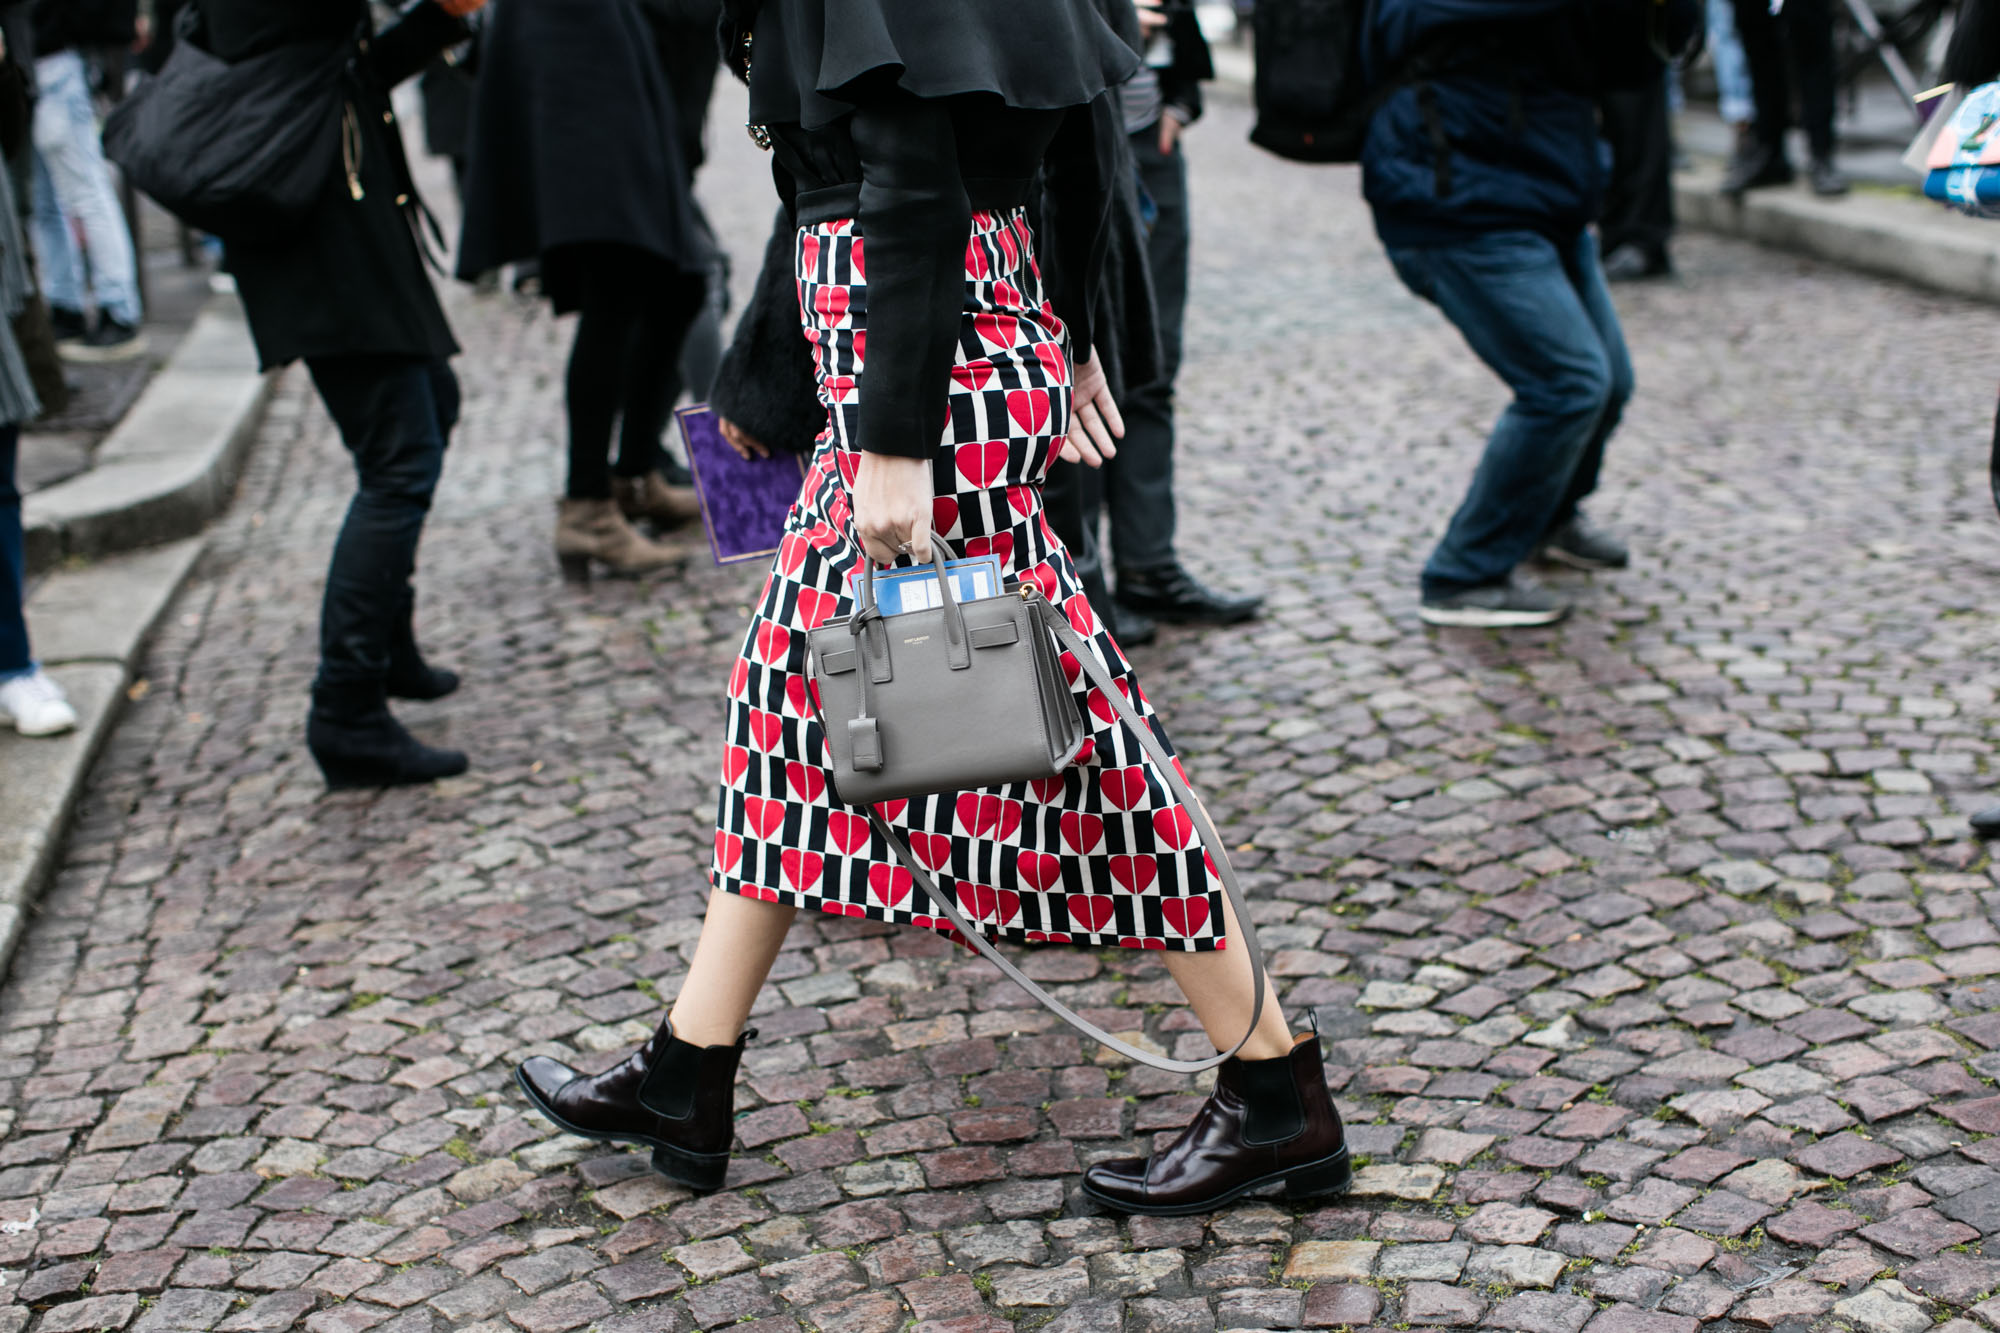 Прямая юбка чёрно-белого принта, украшенная ярко-красными сердечками.